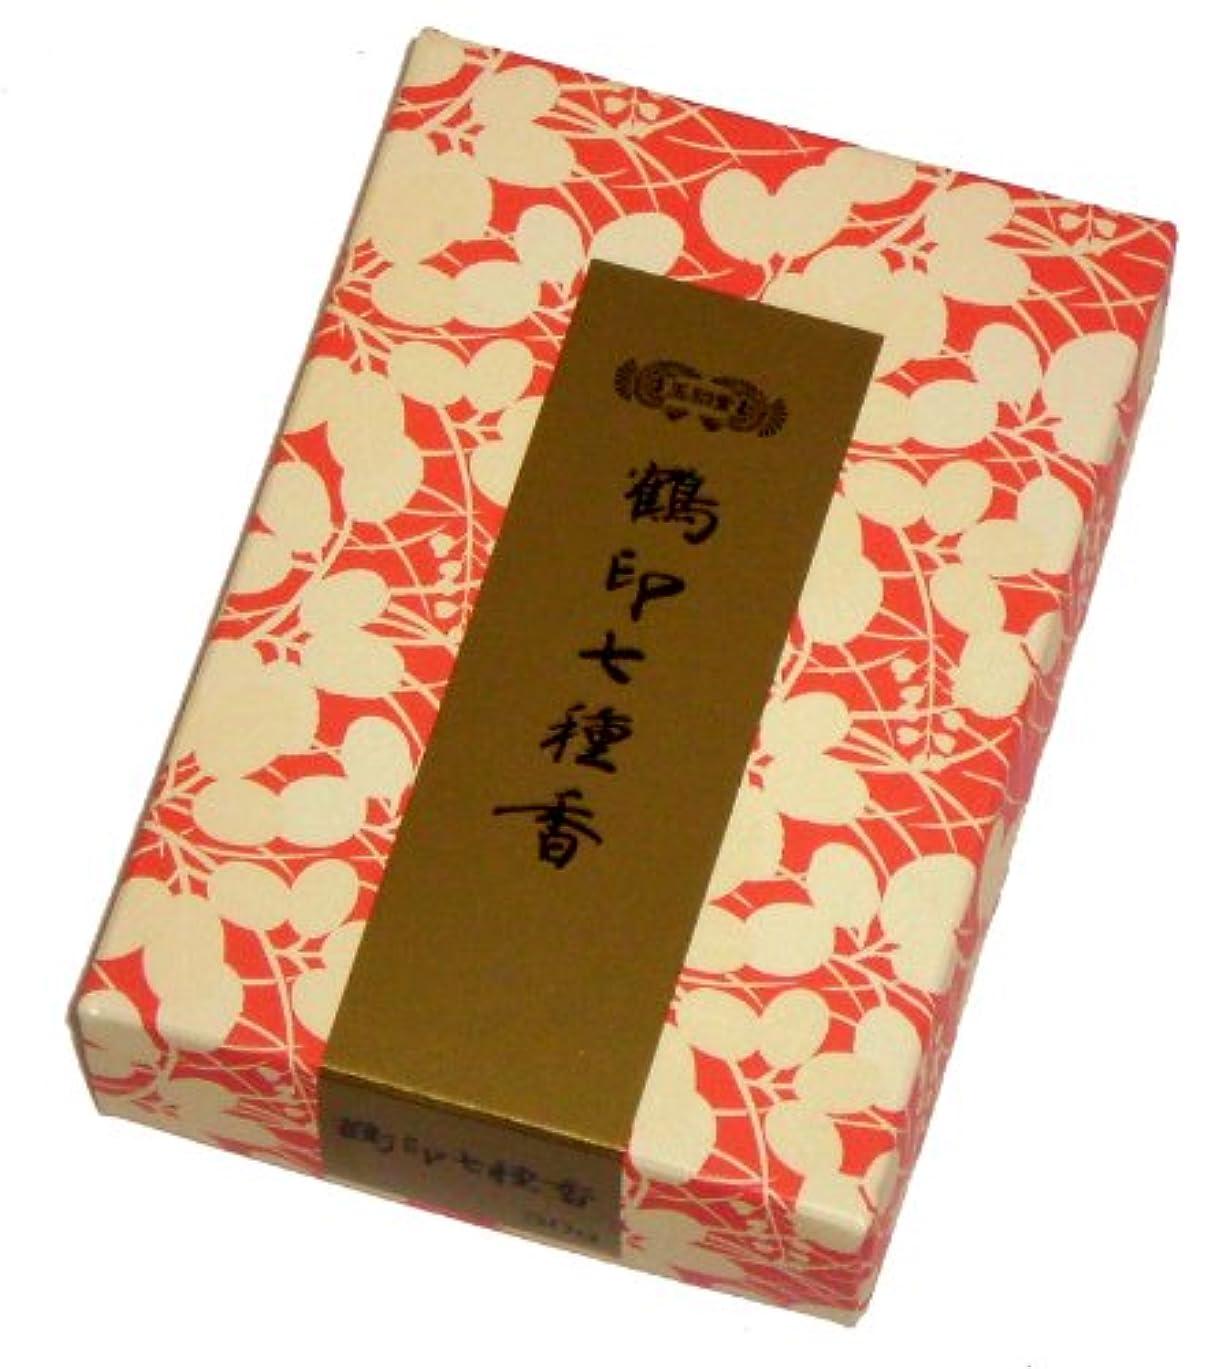 到着プラスチック財産玉初堂のお香 鶴印七種香 30g #675